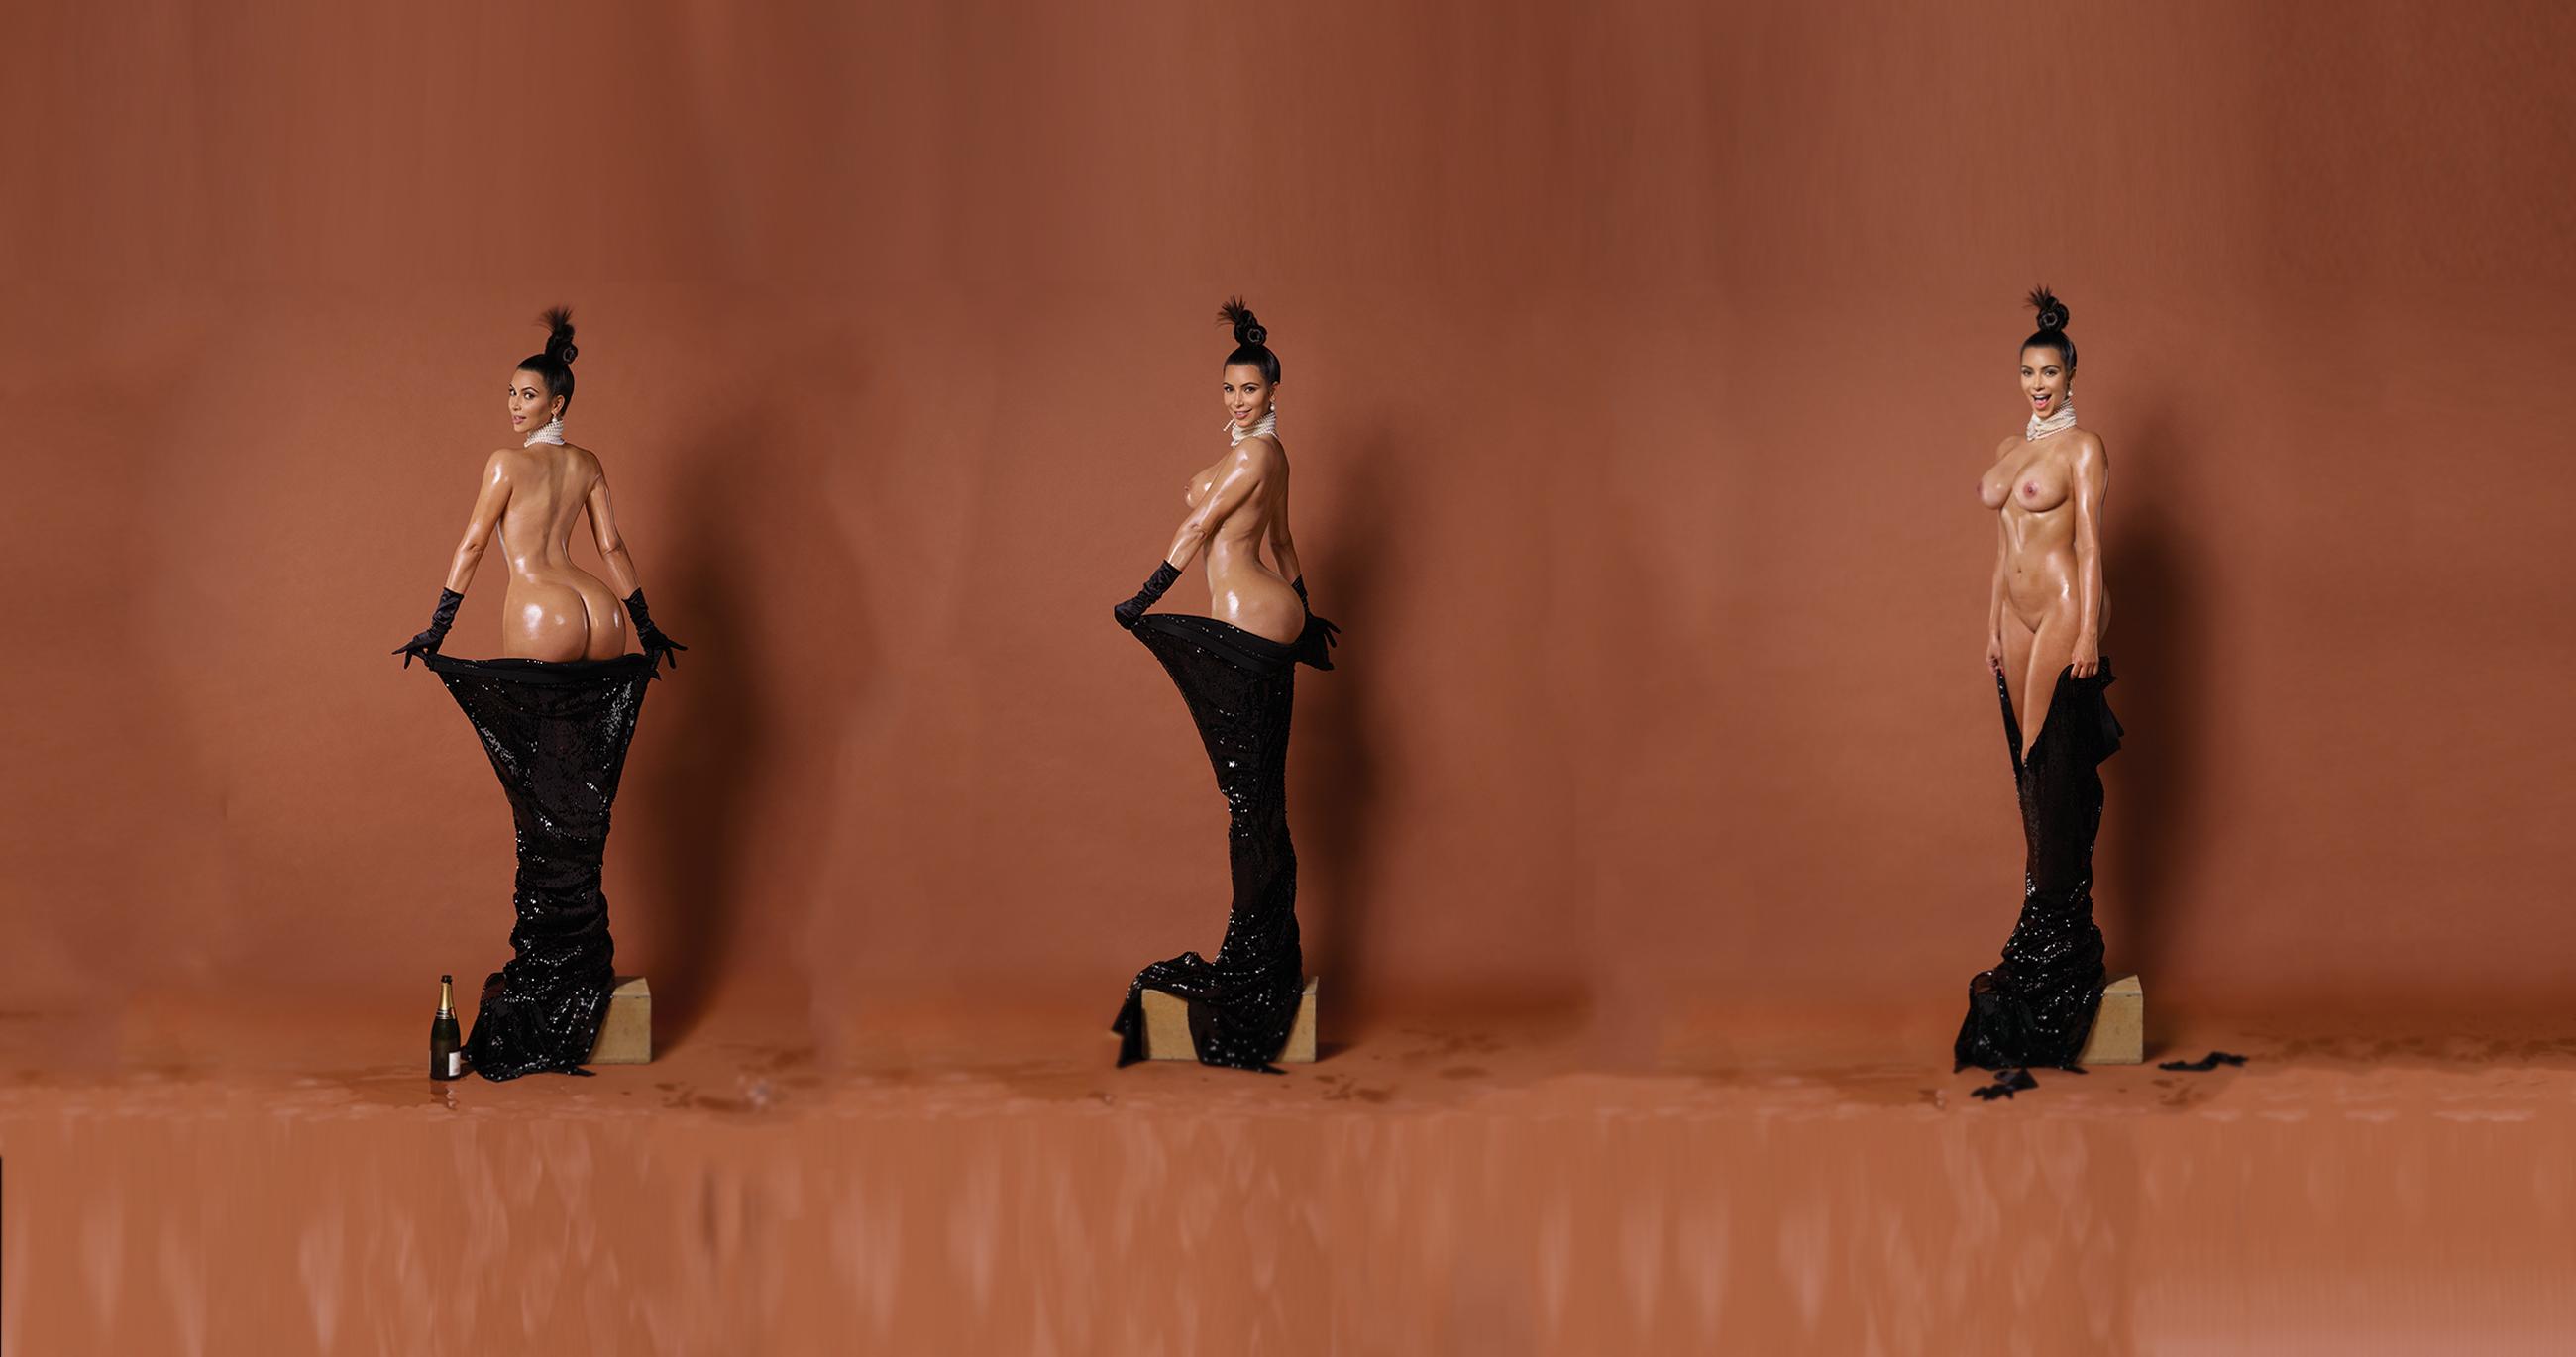 Kim Kardashian Naked In Instagram Make